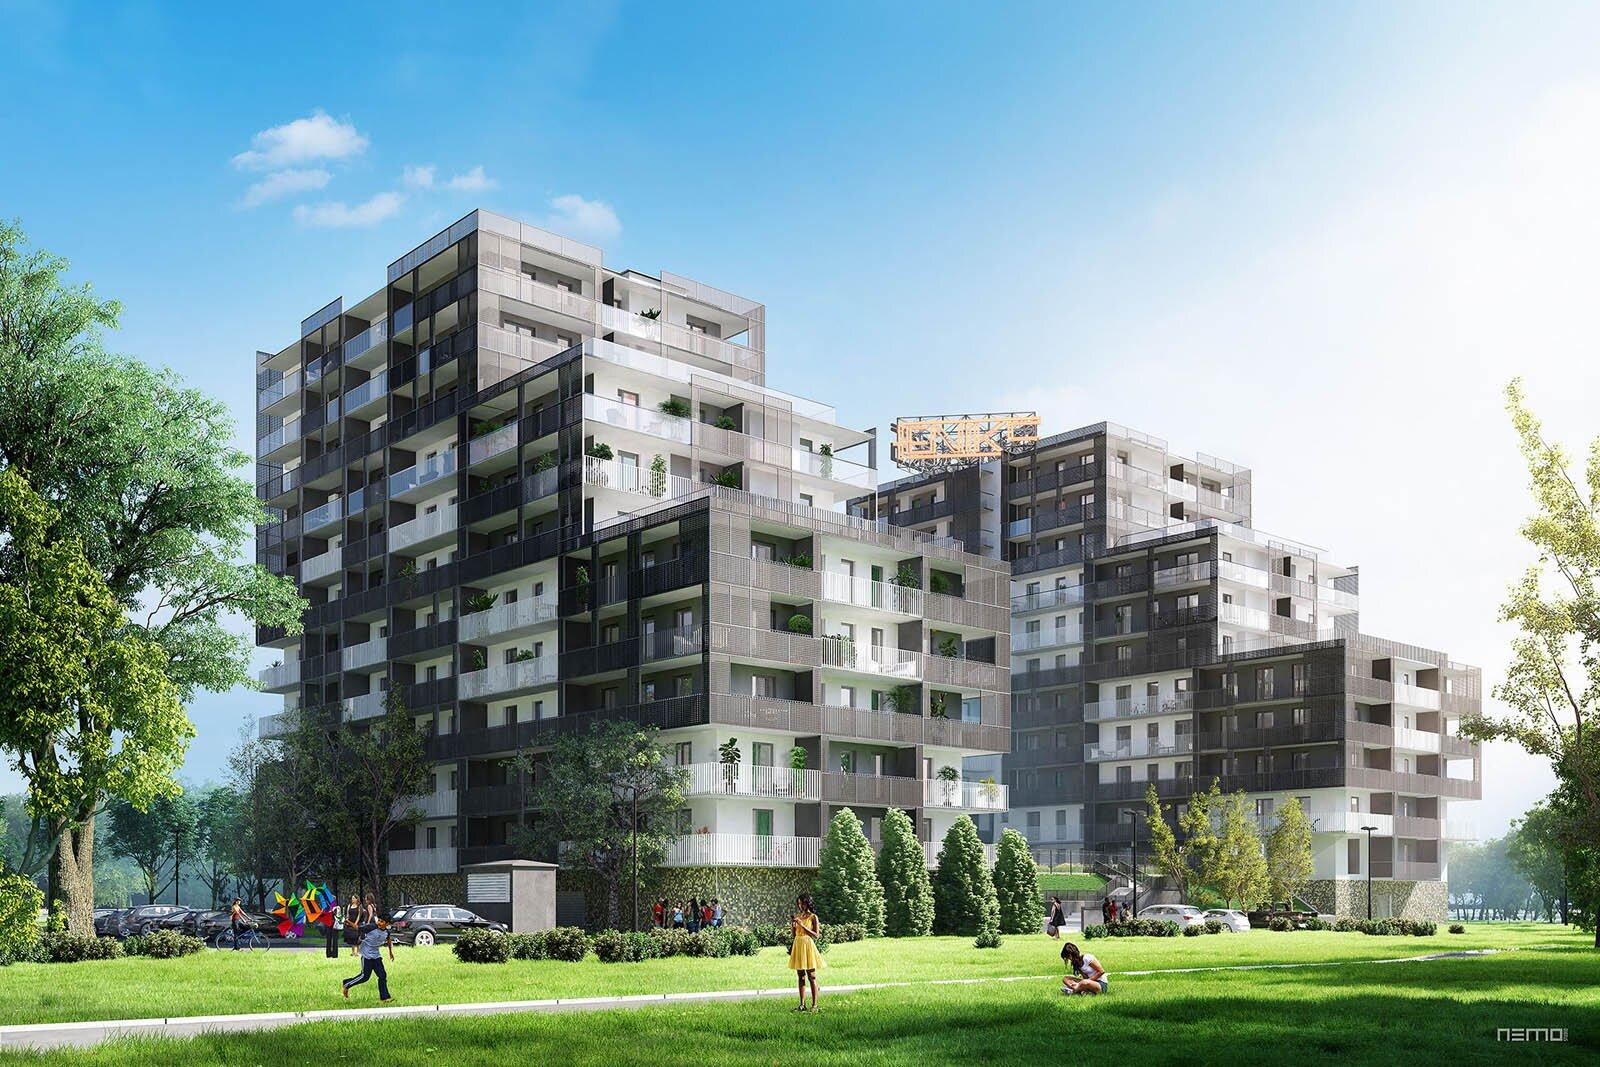 Słoneczna wizualizacja budynku mieszkalnego Fenik w Soho Factory w Warszawie